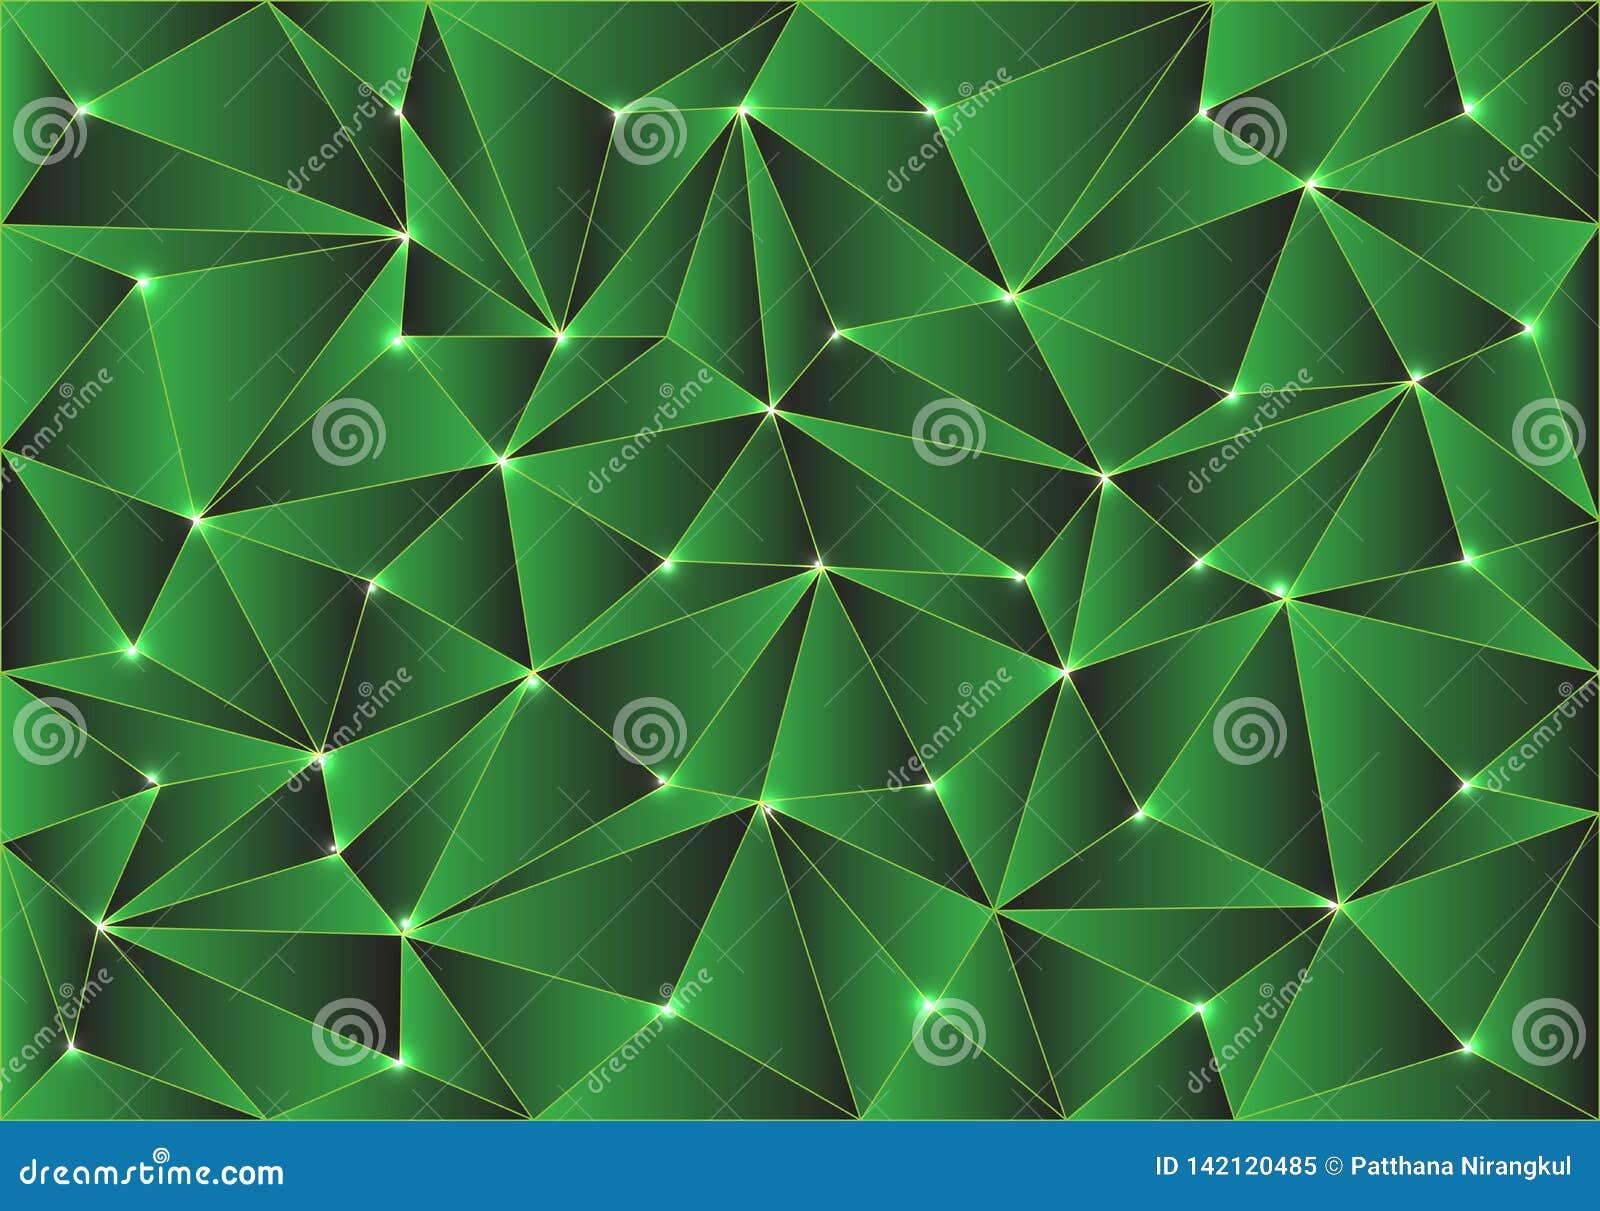 Polygonmusterentwurfs des Zusammenfassungsgrüns Hintergrund-Beschaffenheitsvektor des glatten moderner